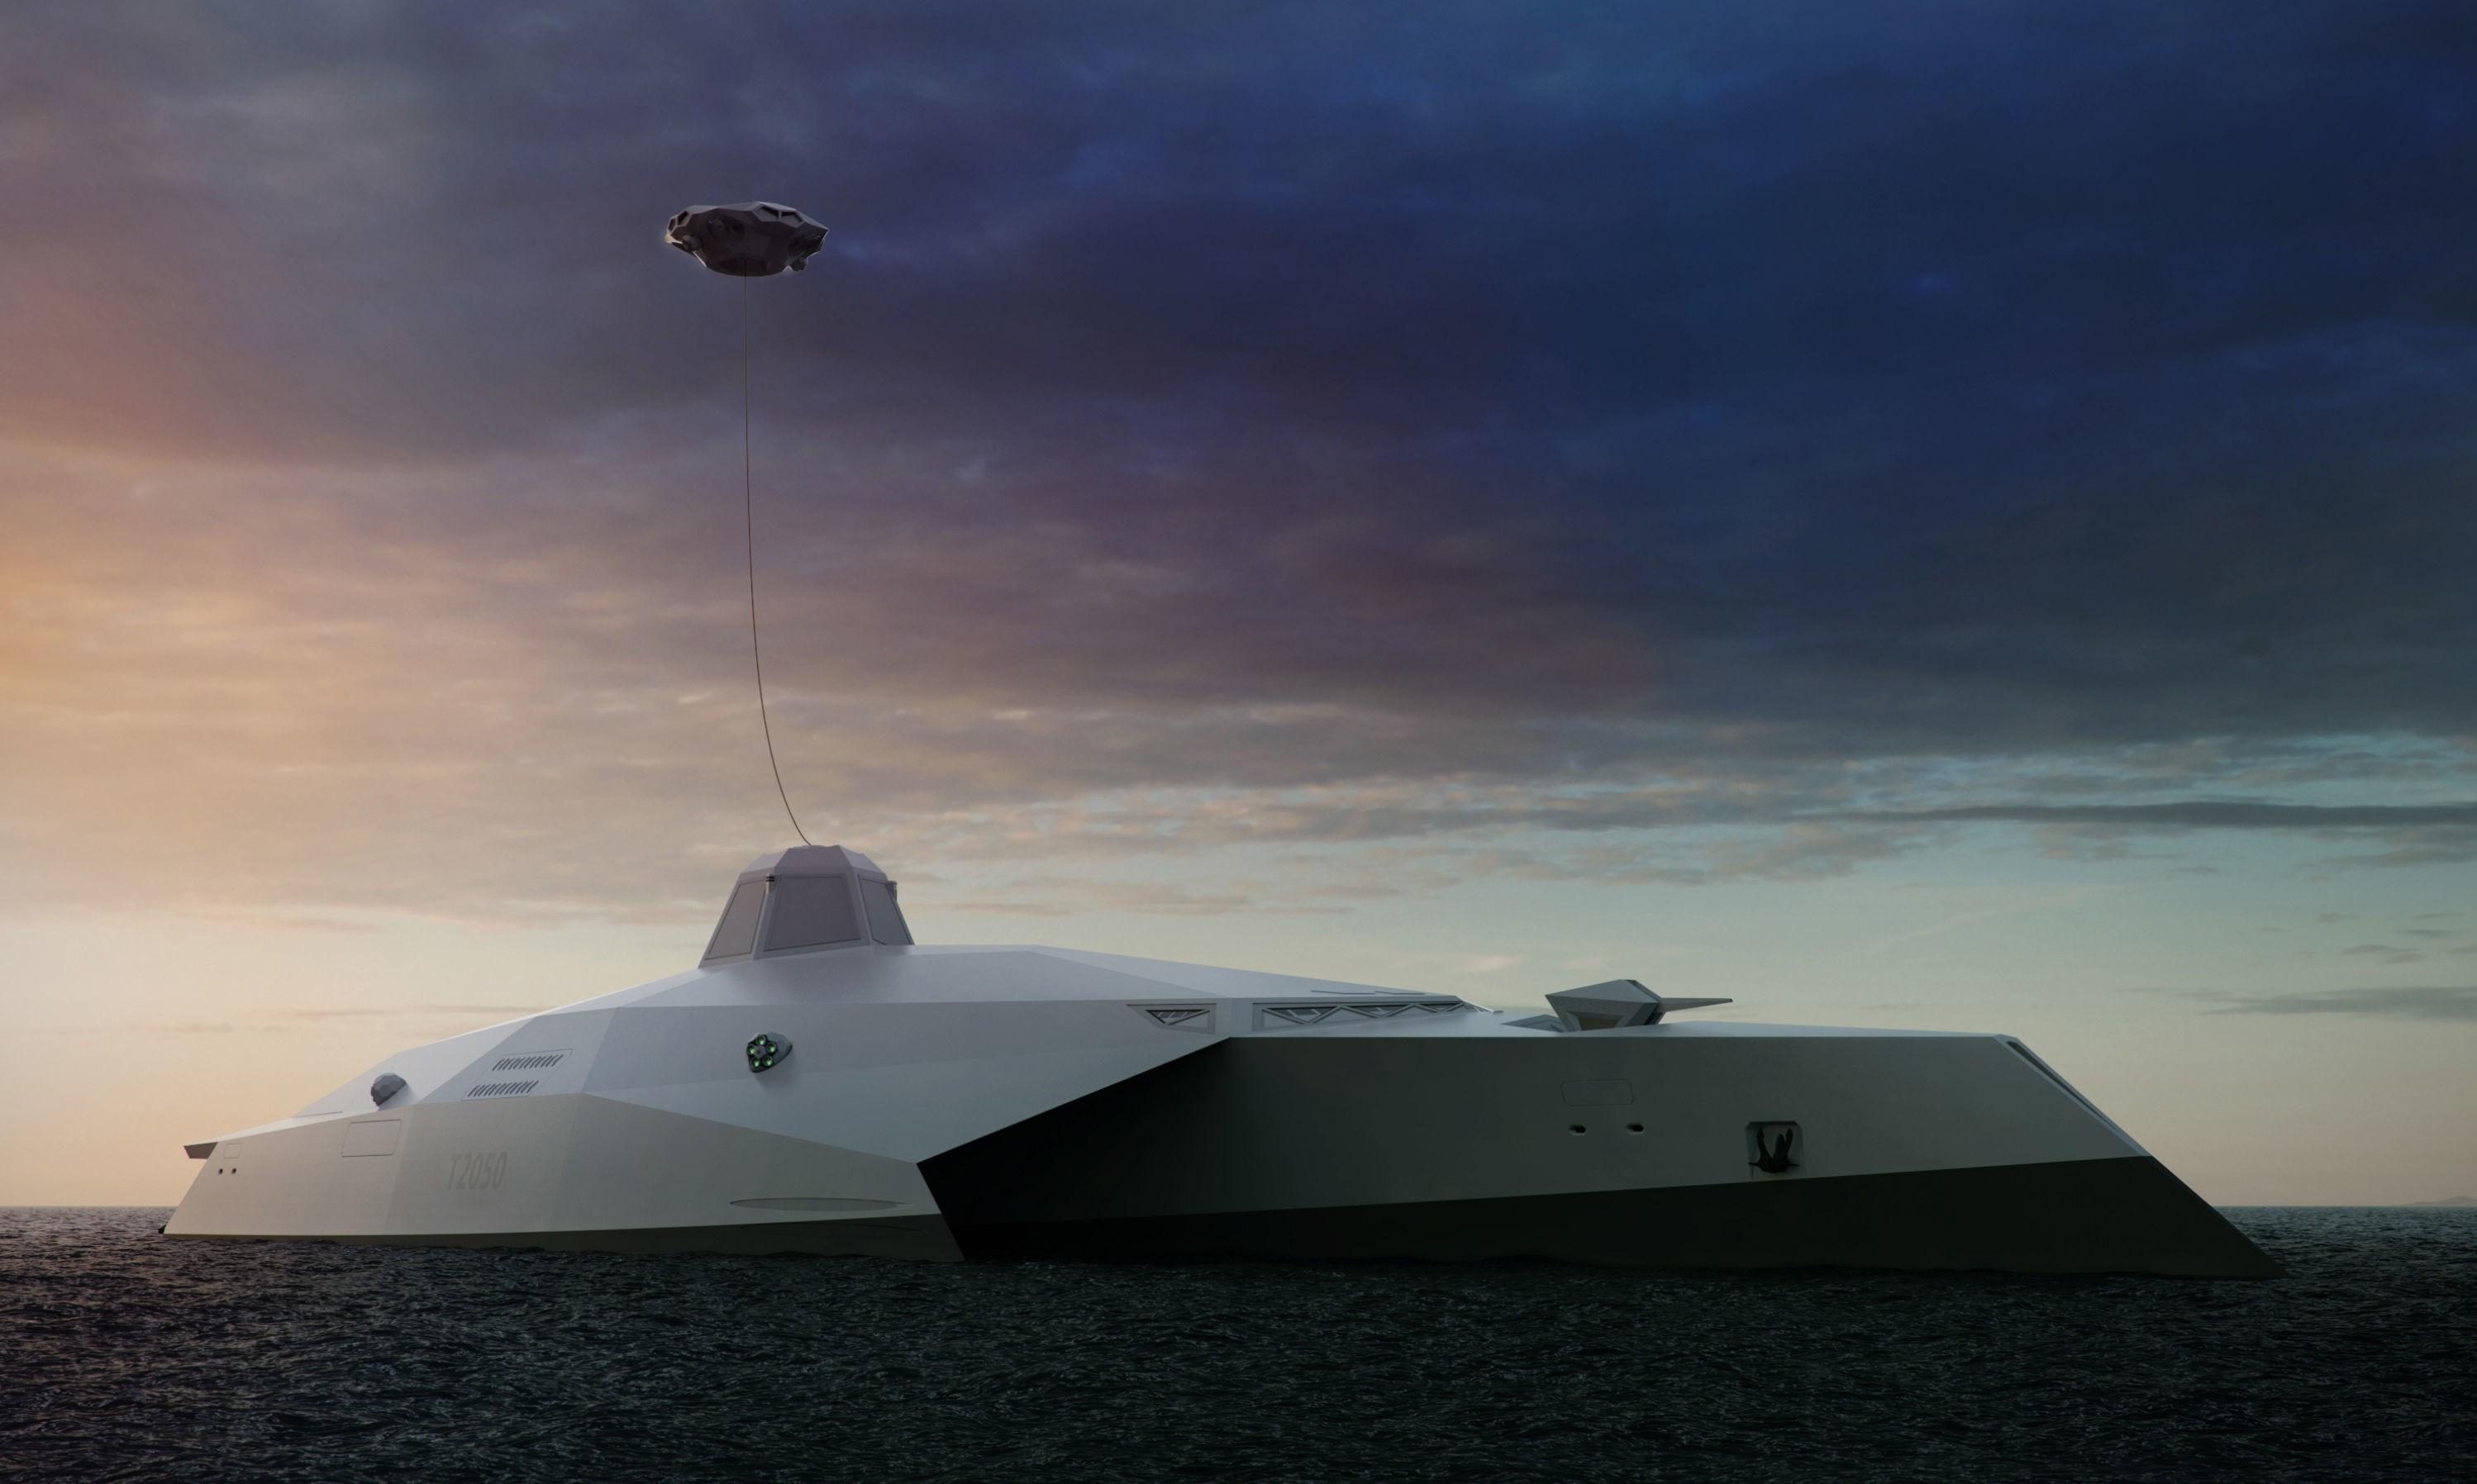 DREADNOUGHT 2015: Her er britenes futuristiske stealthkrigsskip. Svevende høyt over skipet henger en slags fastmontert drone, et quadcopter som får kontinuerlig energi via en kabel. Quadcopteret skal fungere som et slags moderne utkikkstårn, og skal etter planen også utstyres med laser for å kunne skyte ned missiler eller andre trusler som kommer for nære.